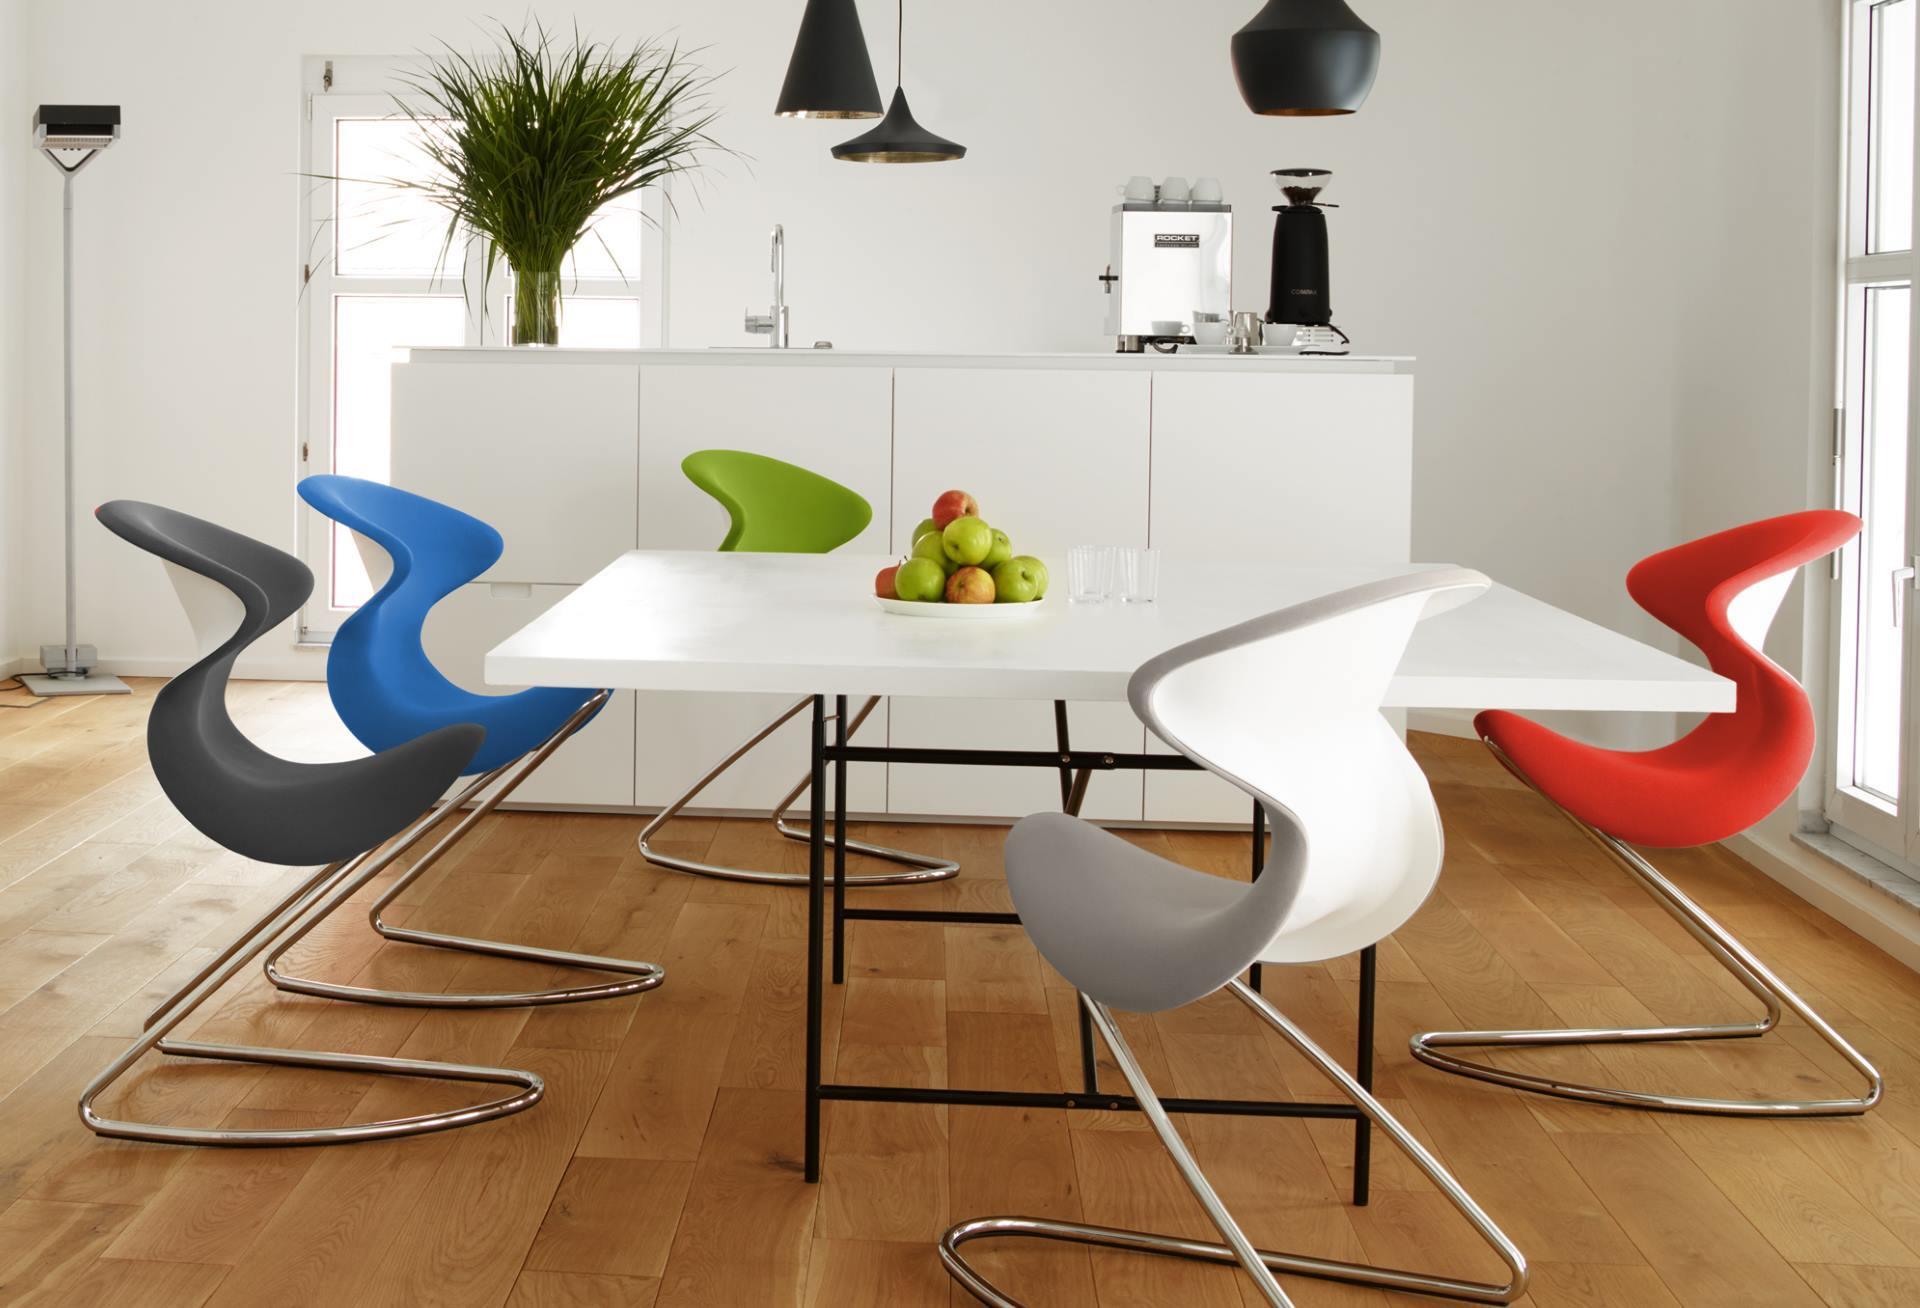 Fröhliche Tischrunde mit den Stühlen oyos in fröhlichen Farben